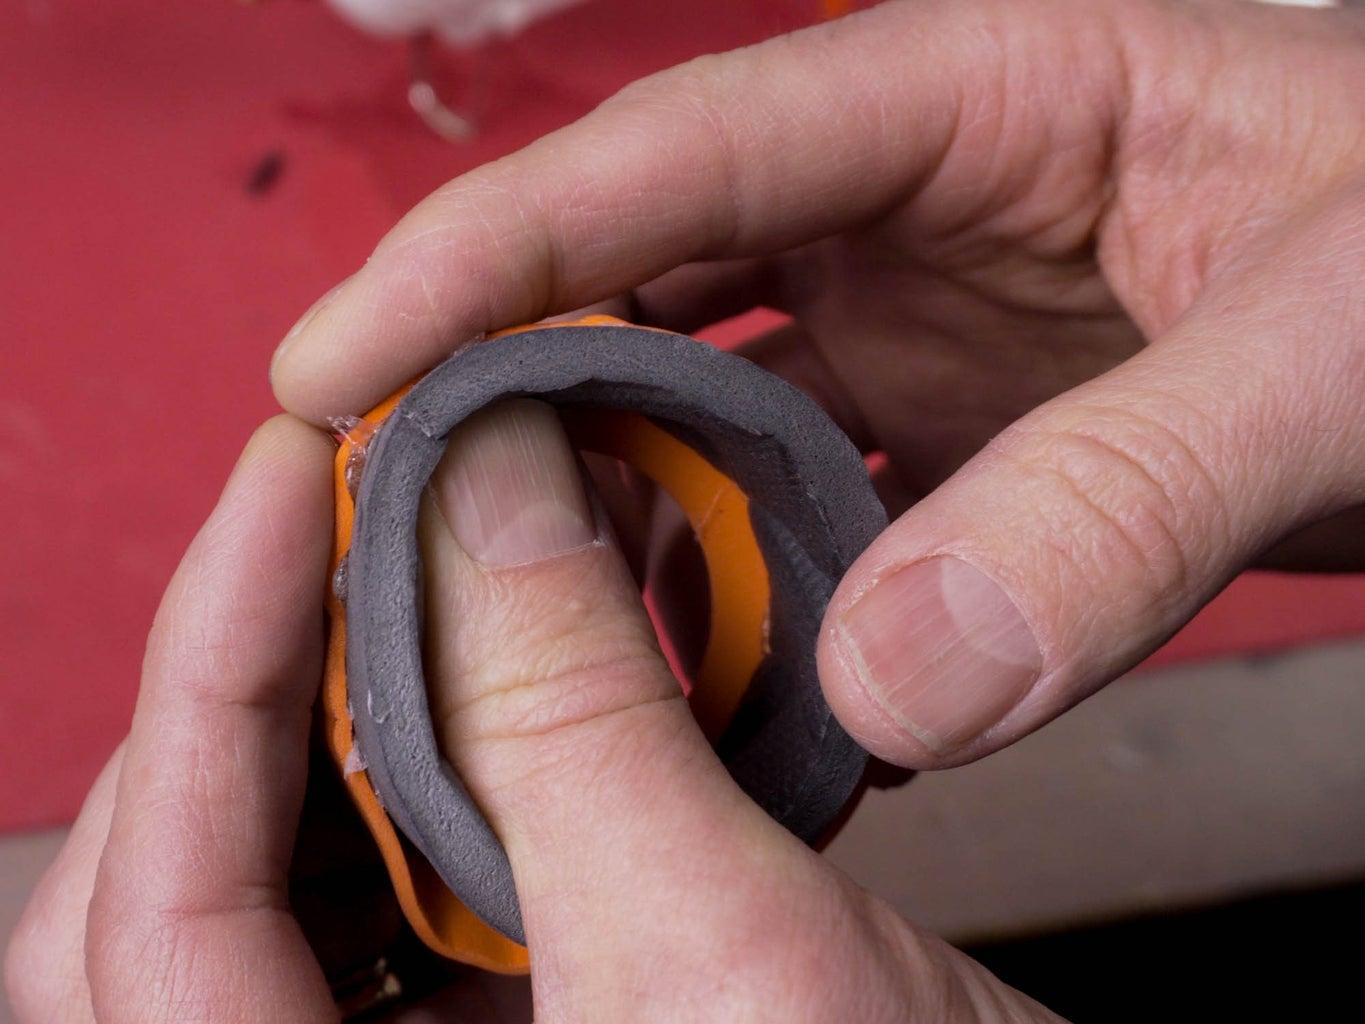 Make the Burner Coil Housing